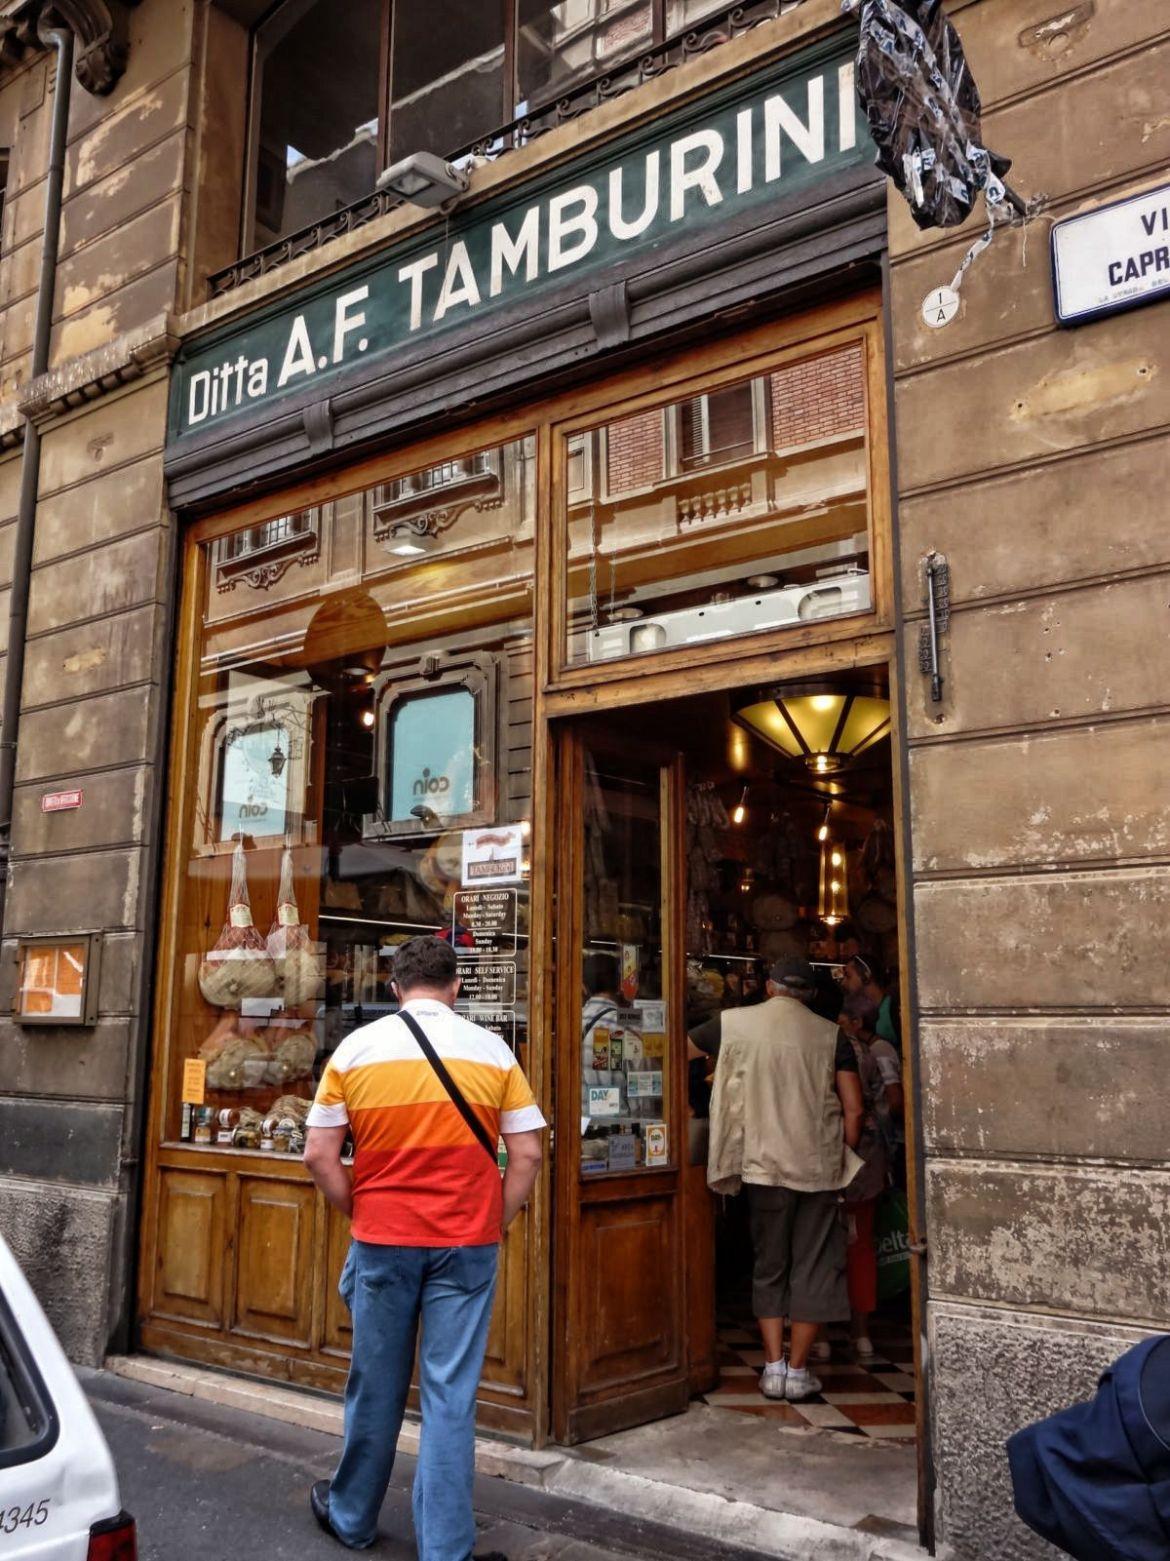 Restauracja Tamburini